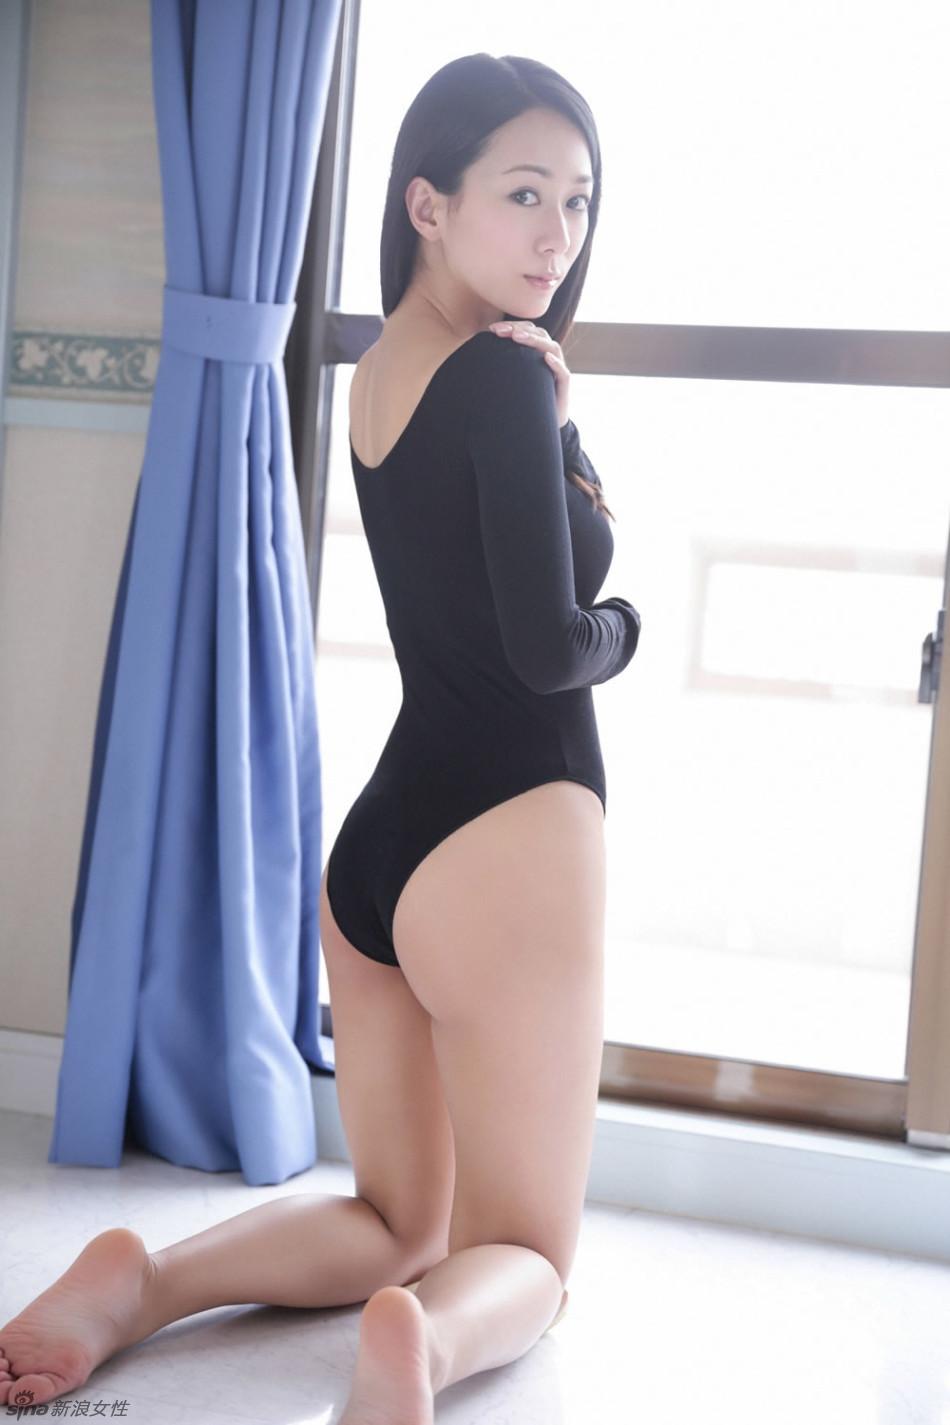 日本性感女星清水裕子黑色紧身衣秀完美身材